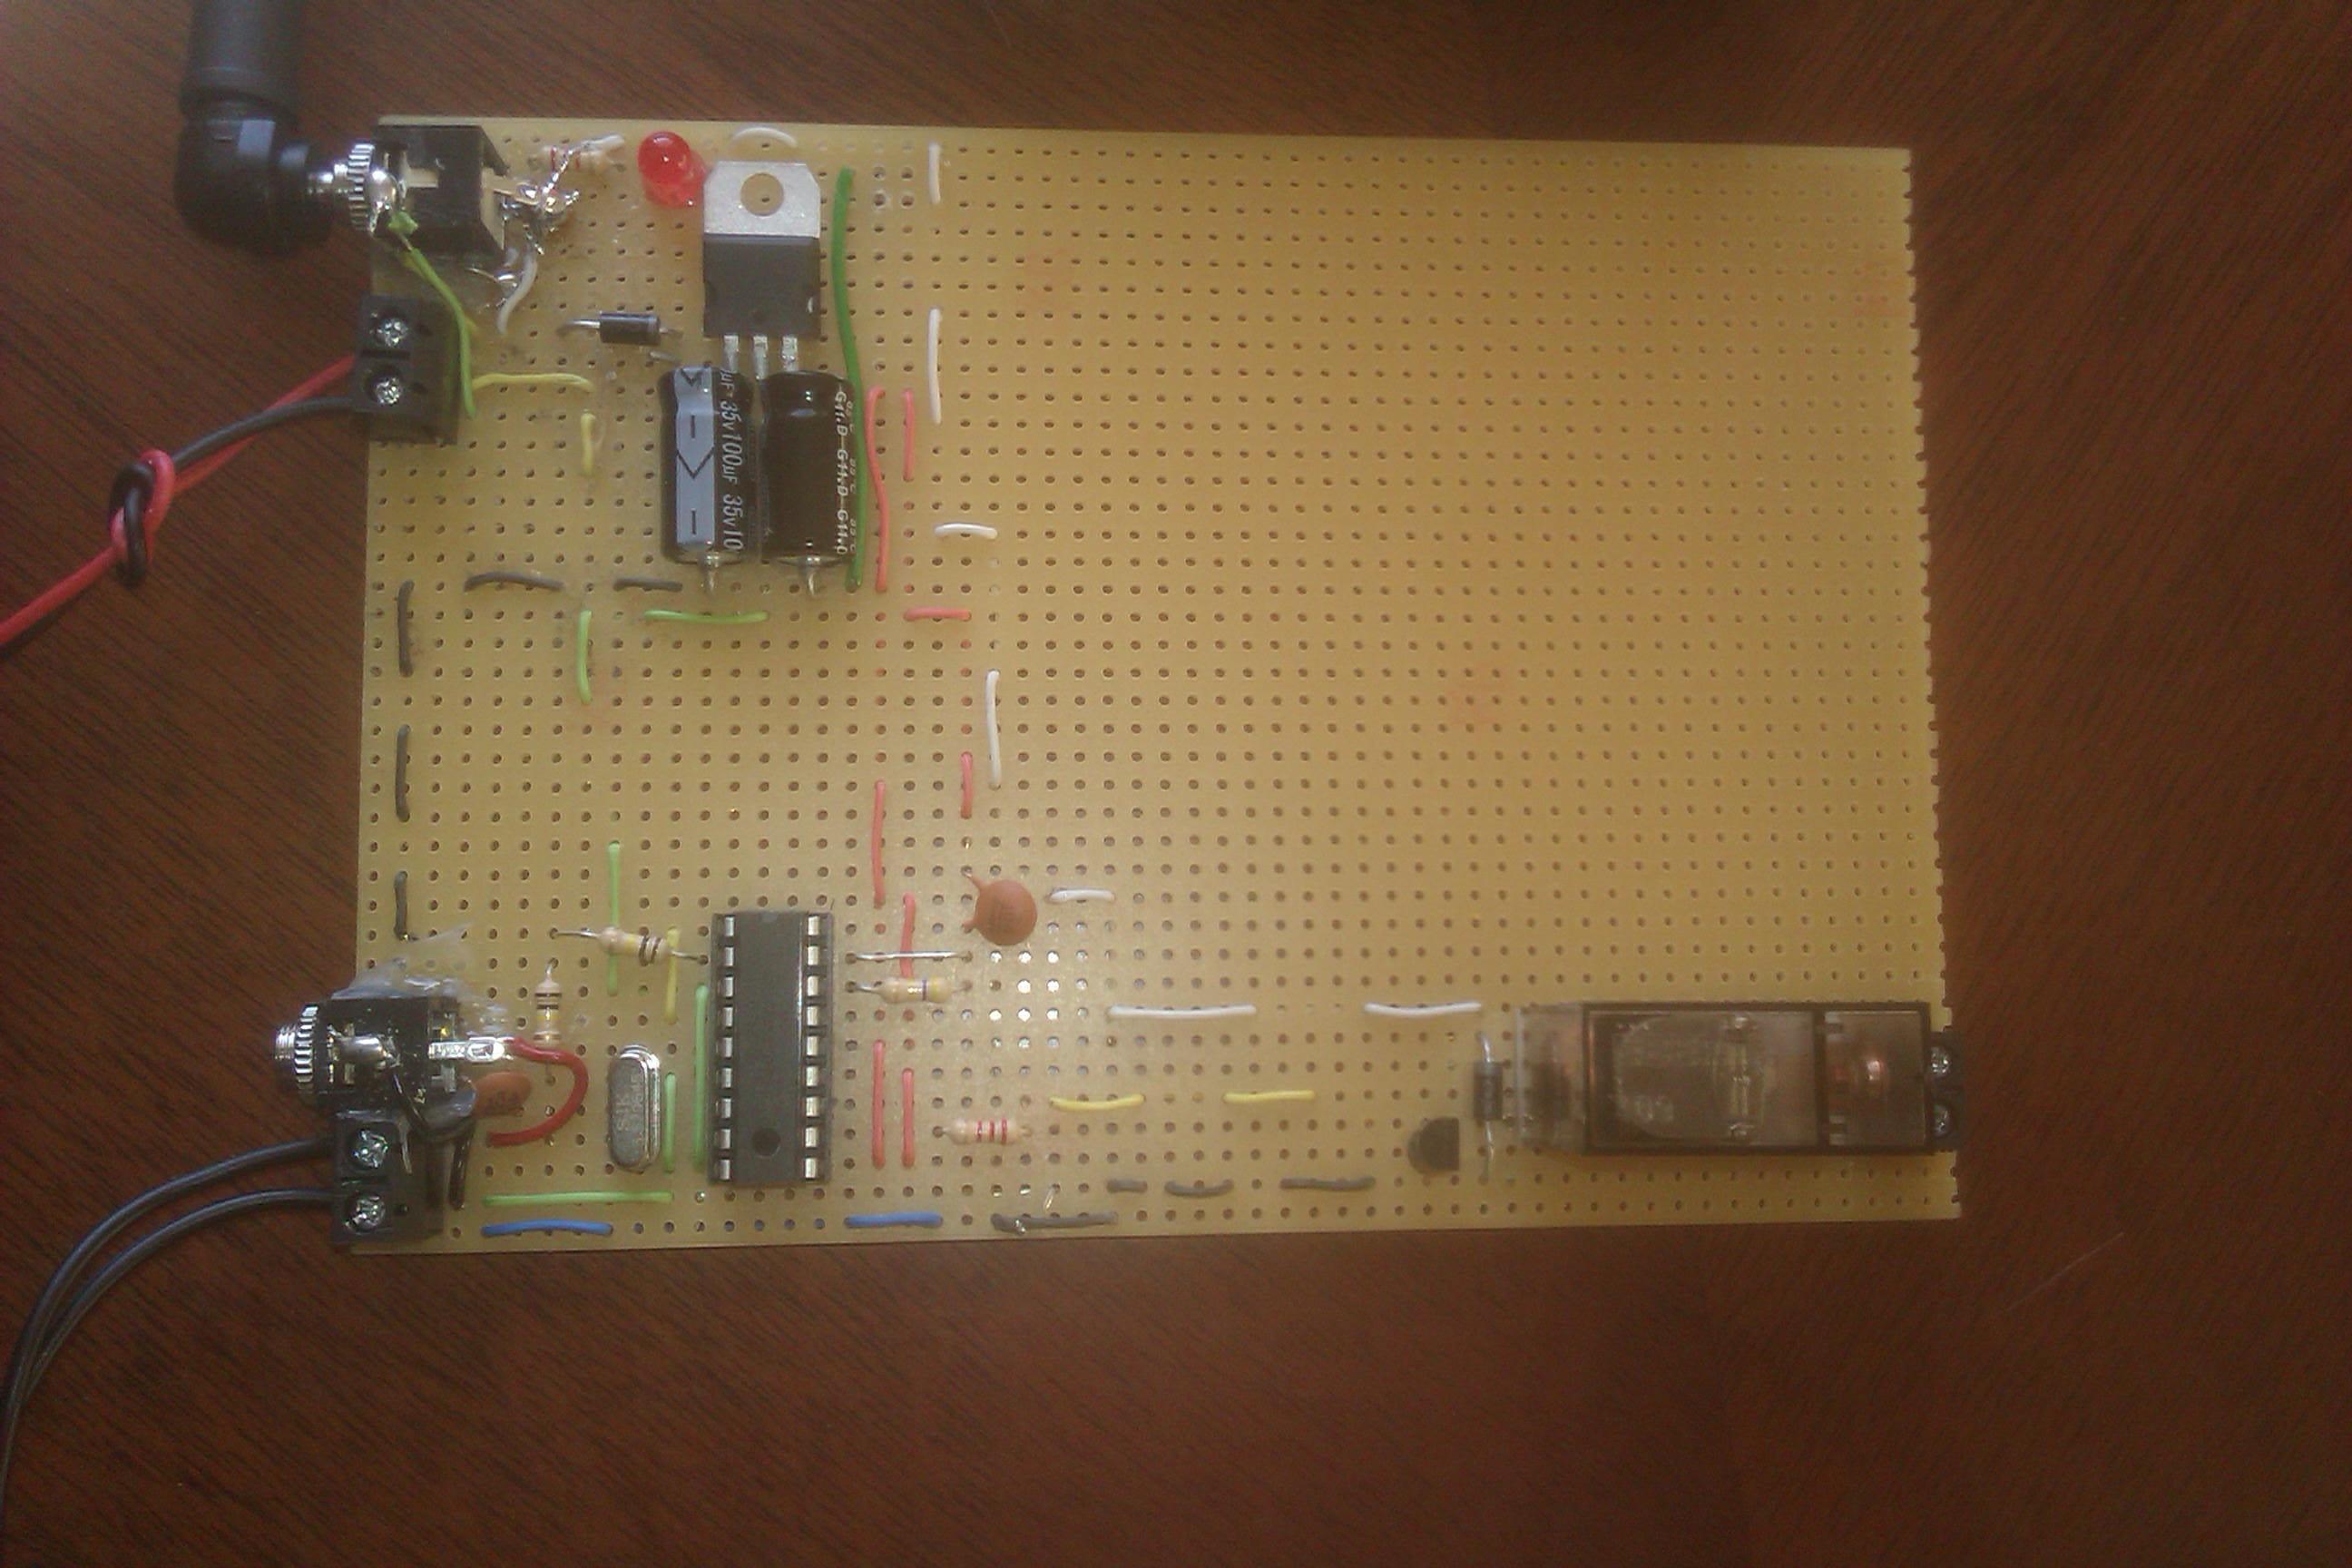 Dtmf Decoder Using Mt8870 Link